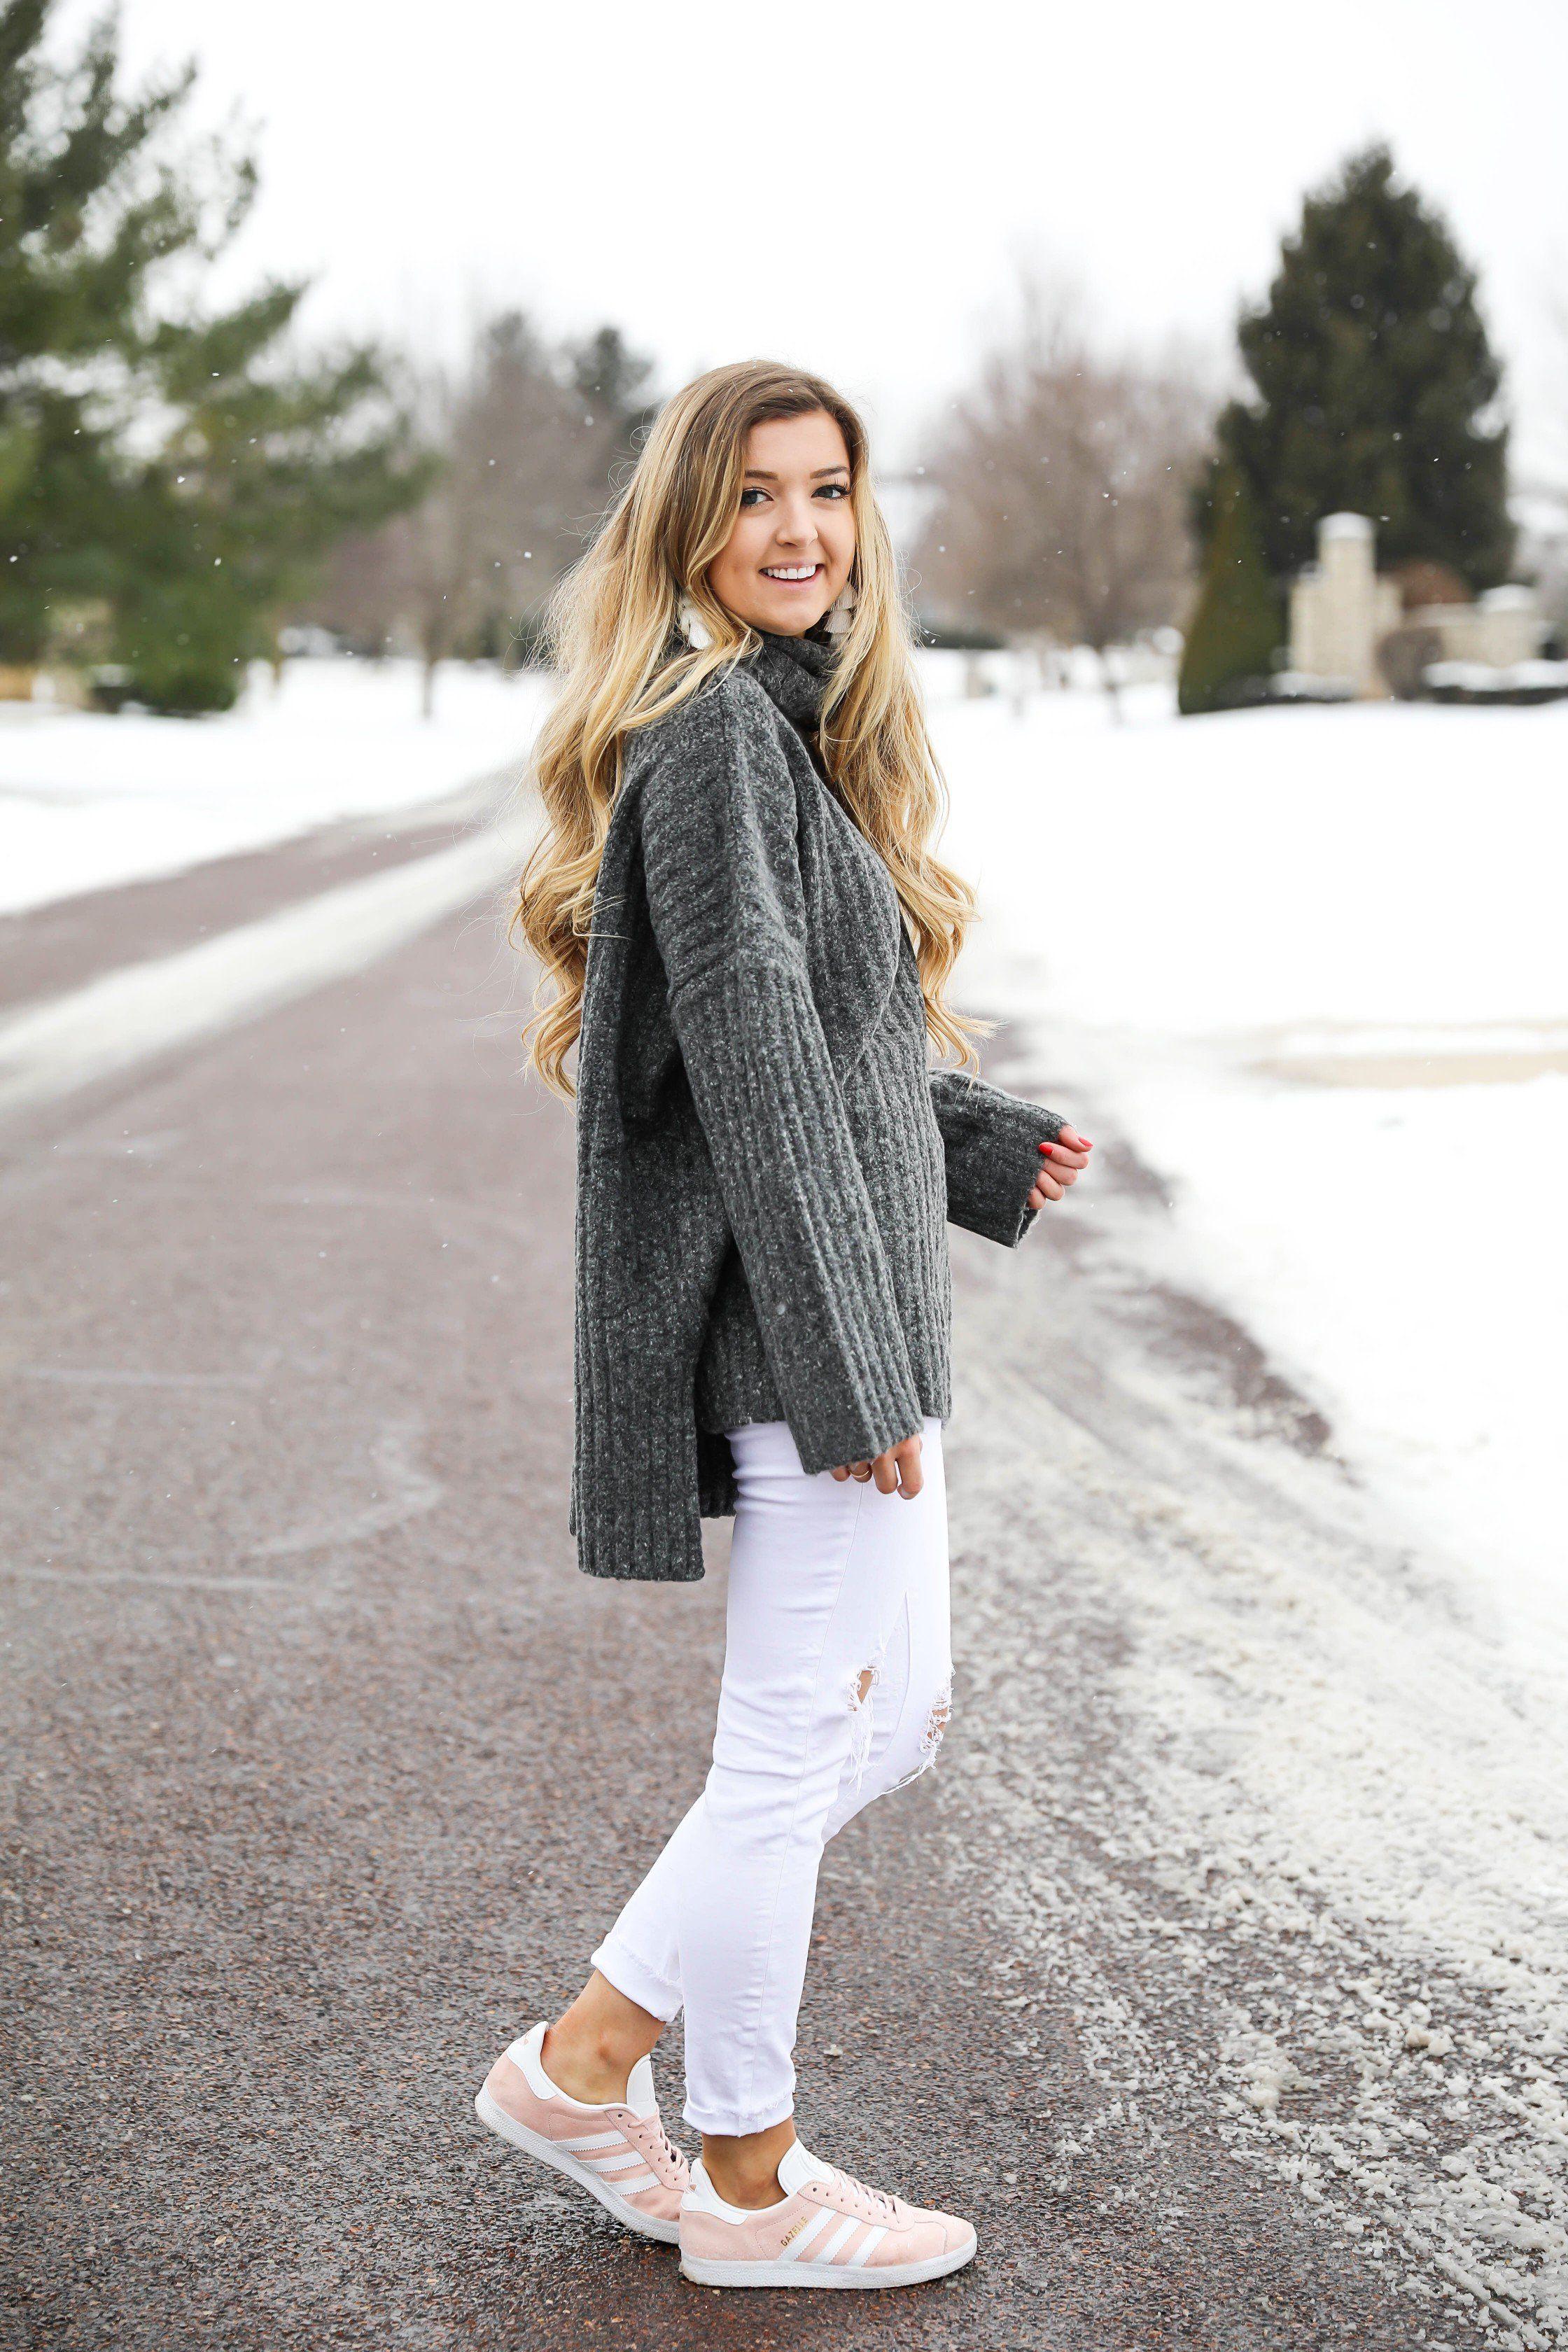 Snowy Sweater & Pink Sneakers | Pink sneakers, Pink sneakers